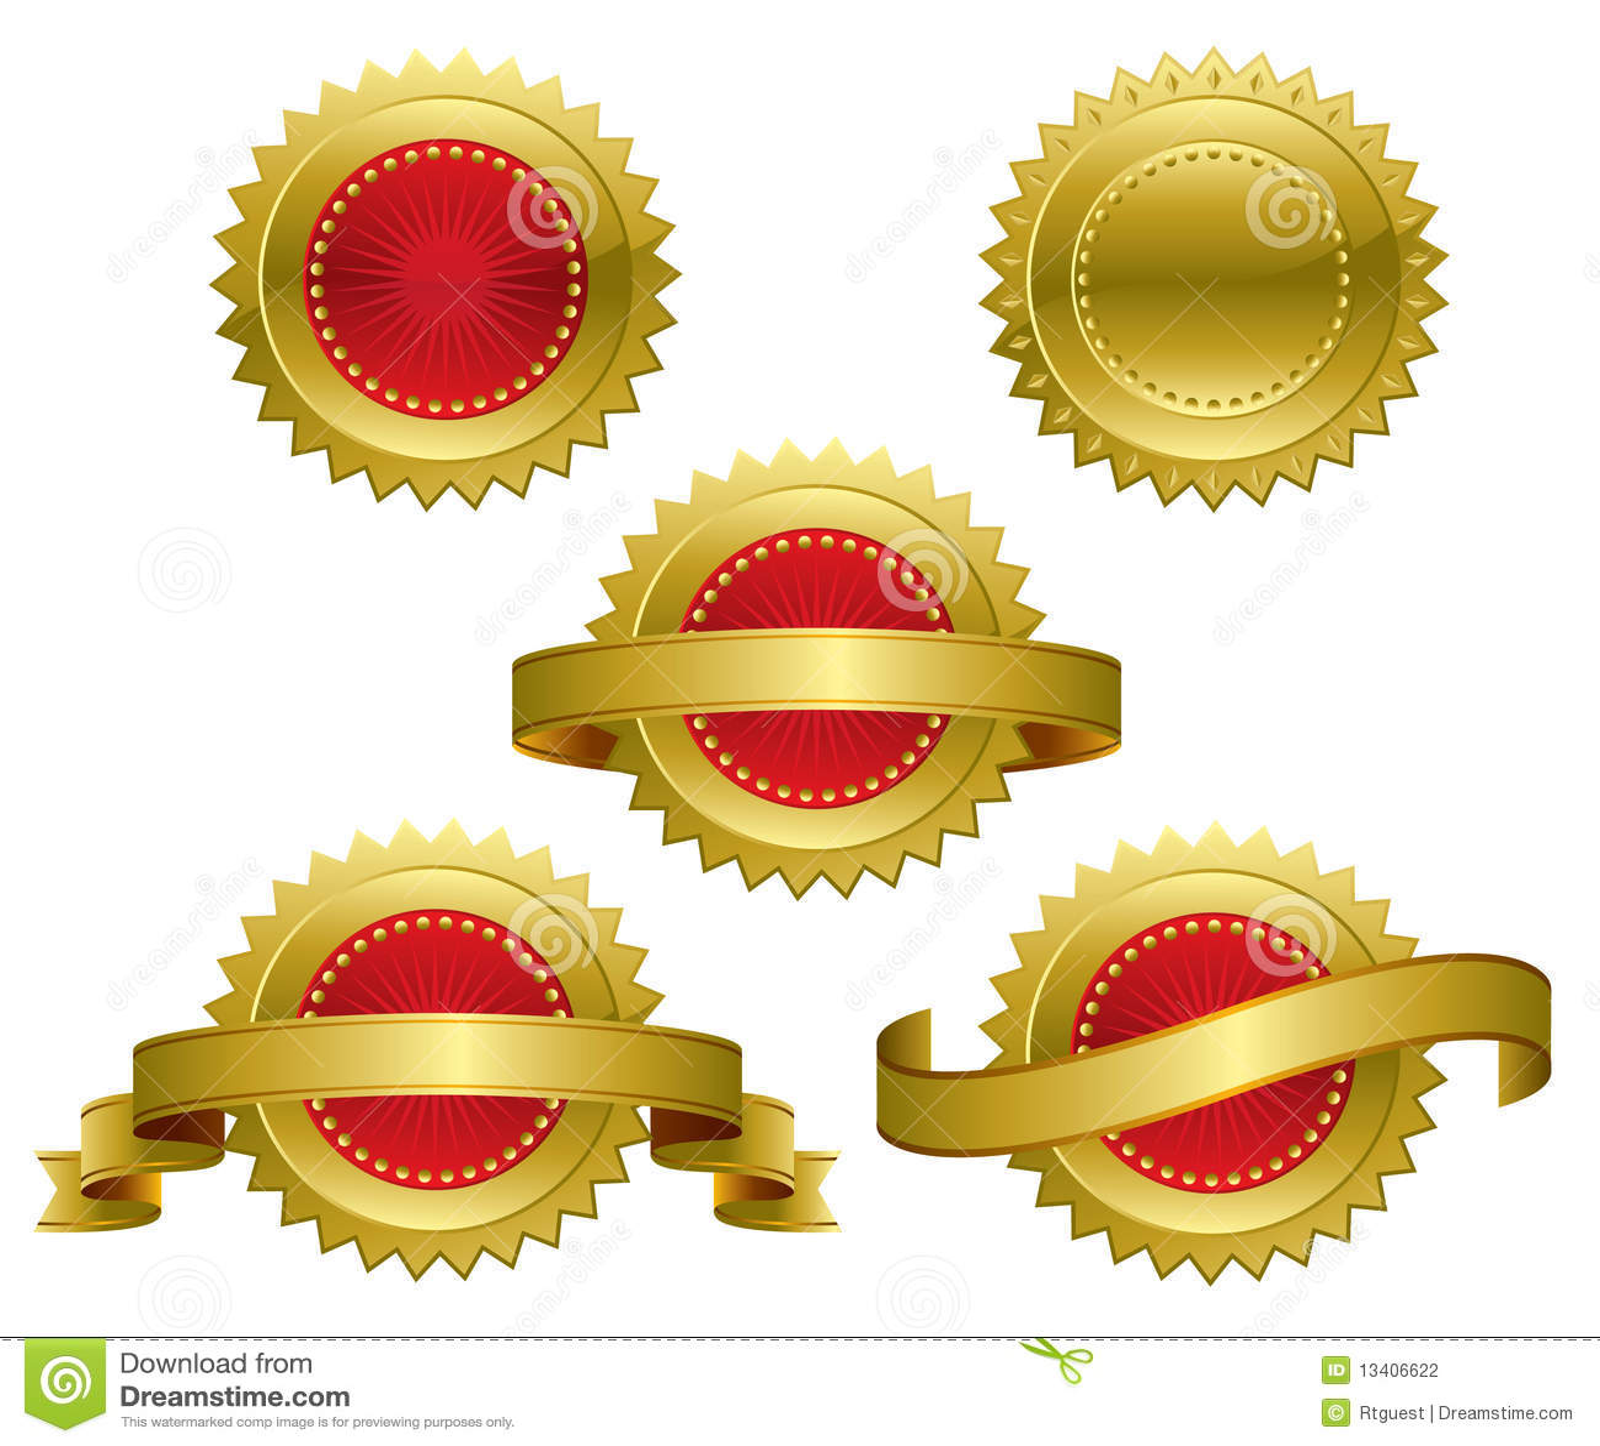 Goldpreis-Medaillen